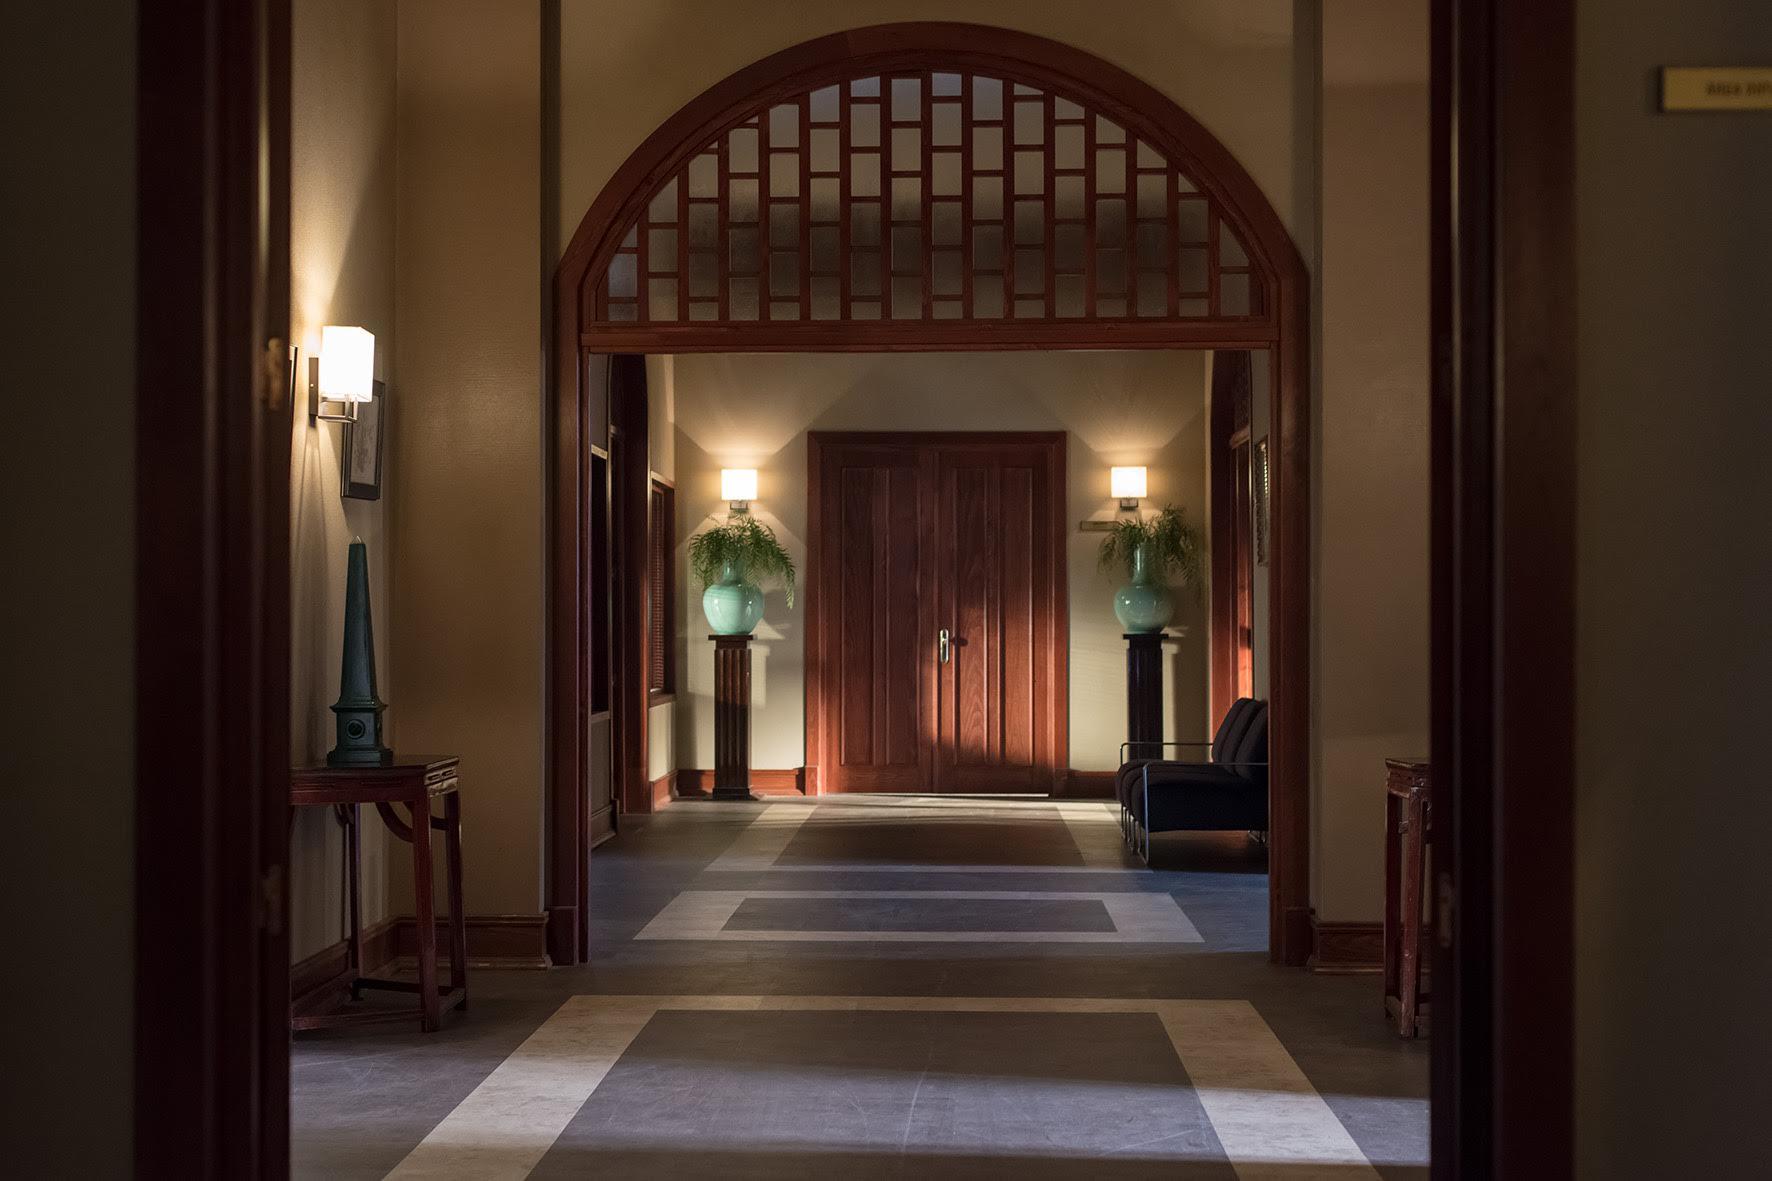 Armchair lobby tapicer as navarro - Tapicerias navarro ...